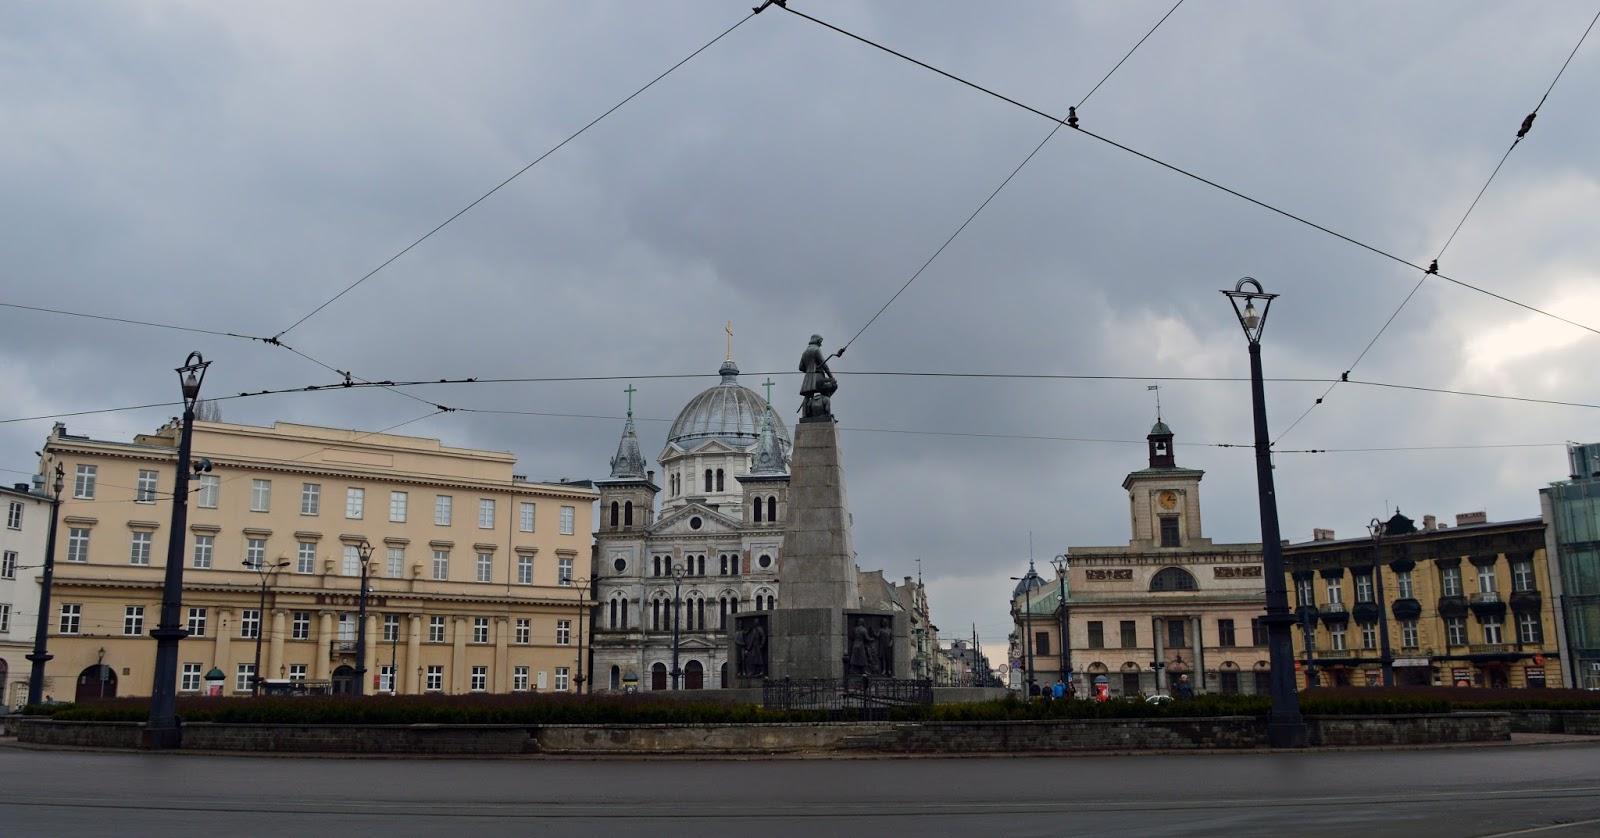 Spacerowa Łódź cz. II - Piotrkowska, Plac Wolności